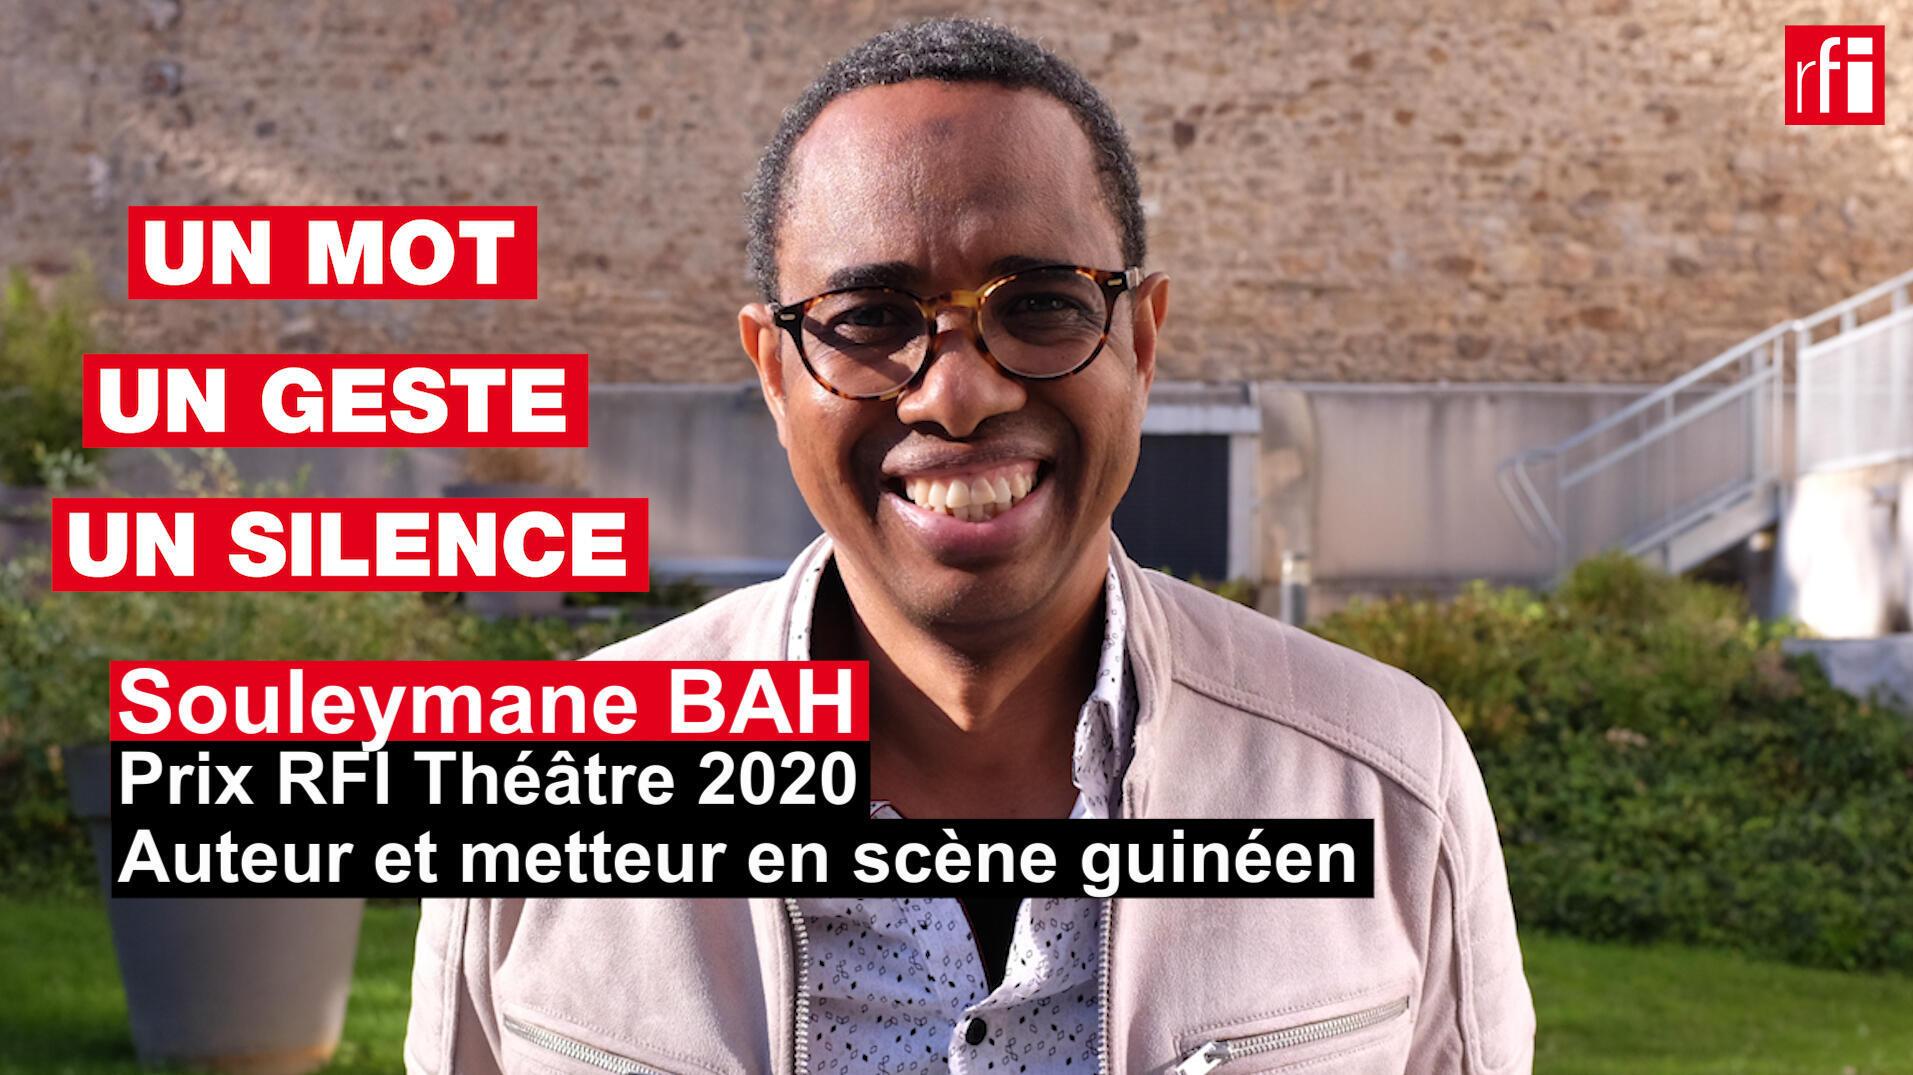 Le Guinéen Souleymane Bah, auteur et metteur en scène, prix RFI Théâtre 2020, nous explique en un mot, un geste et un silence son rapport au théâtre et au monde.